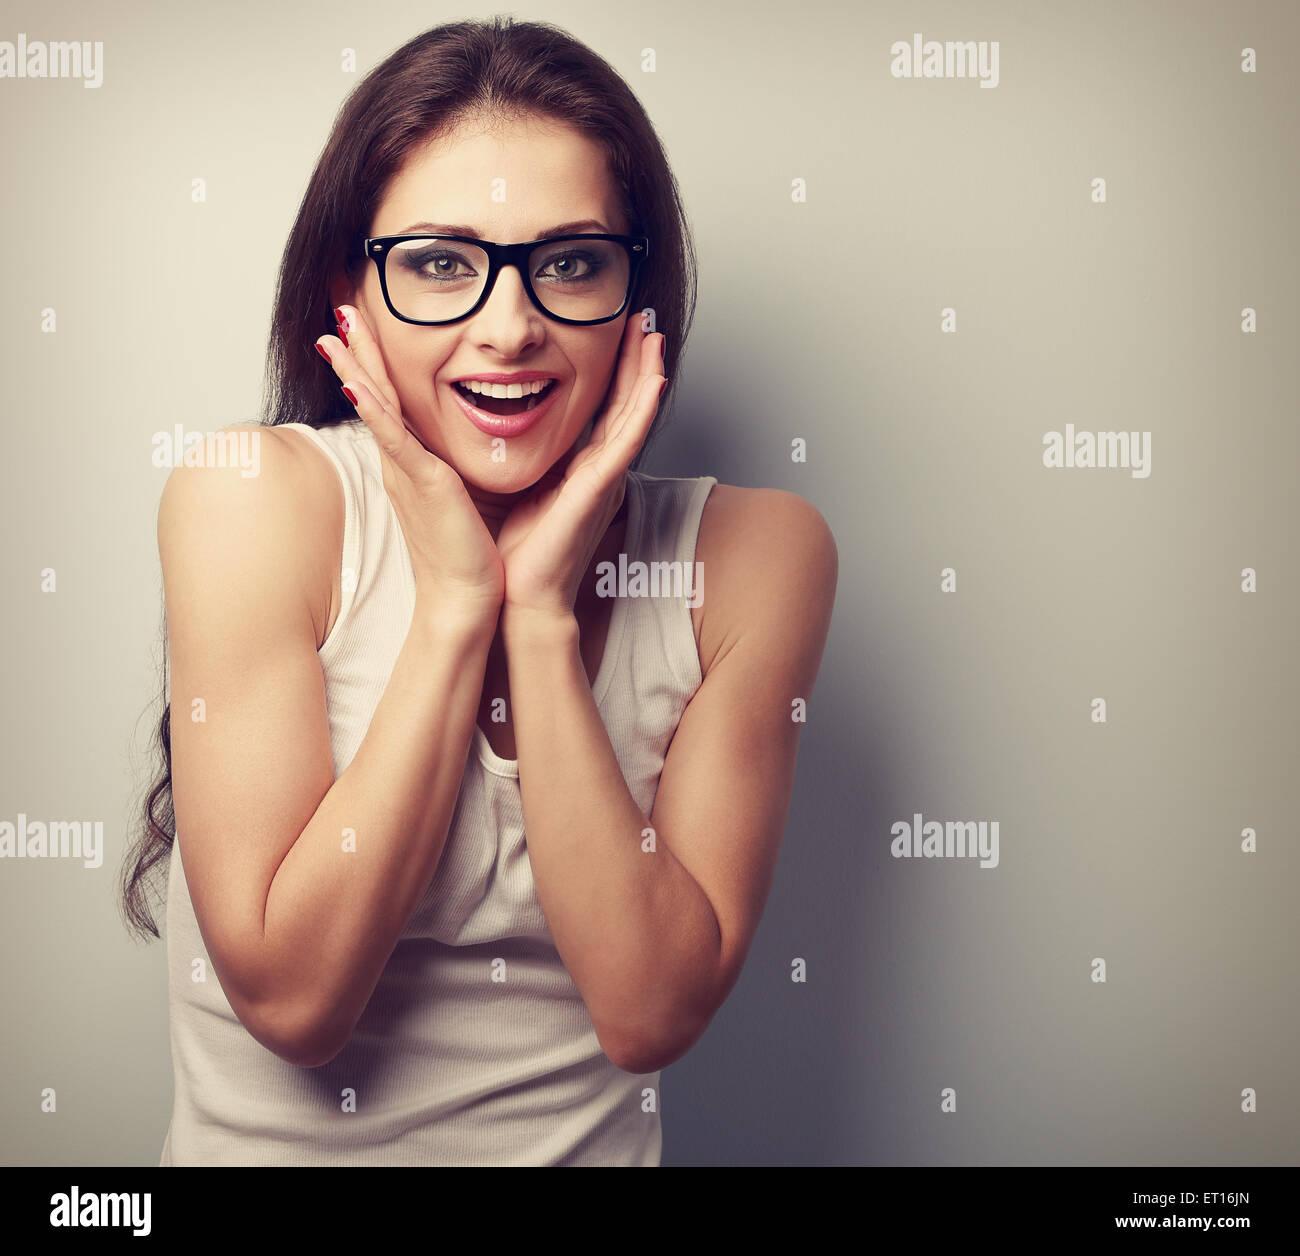 Emocionada sorprendente divertido joven con gafas. Vintage closeup retrato con copia vacía el espacio Imagen De Stock